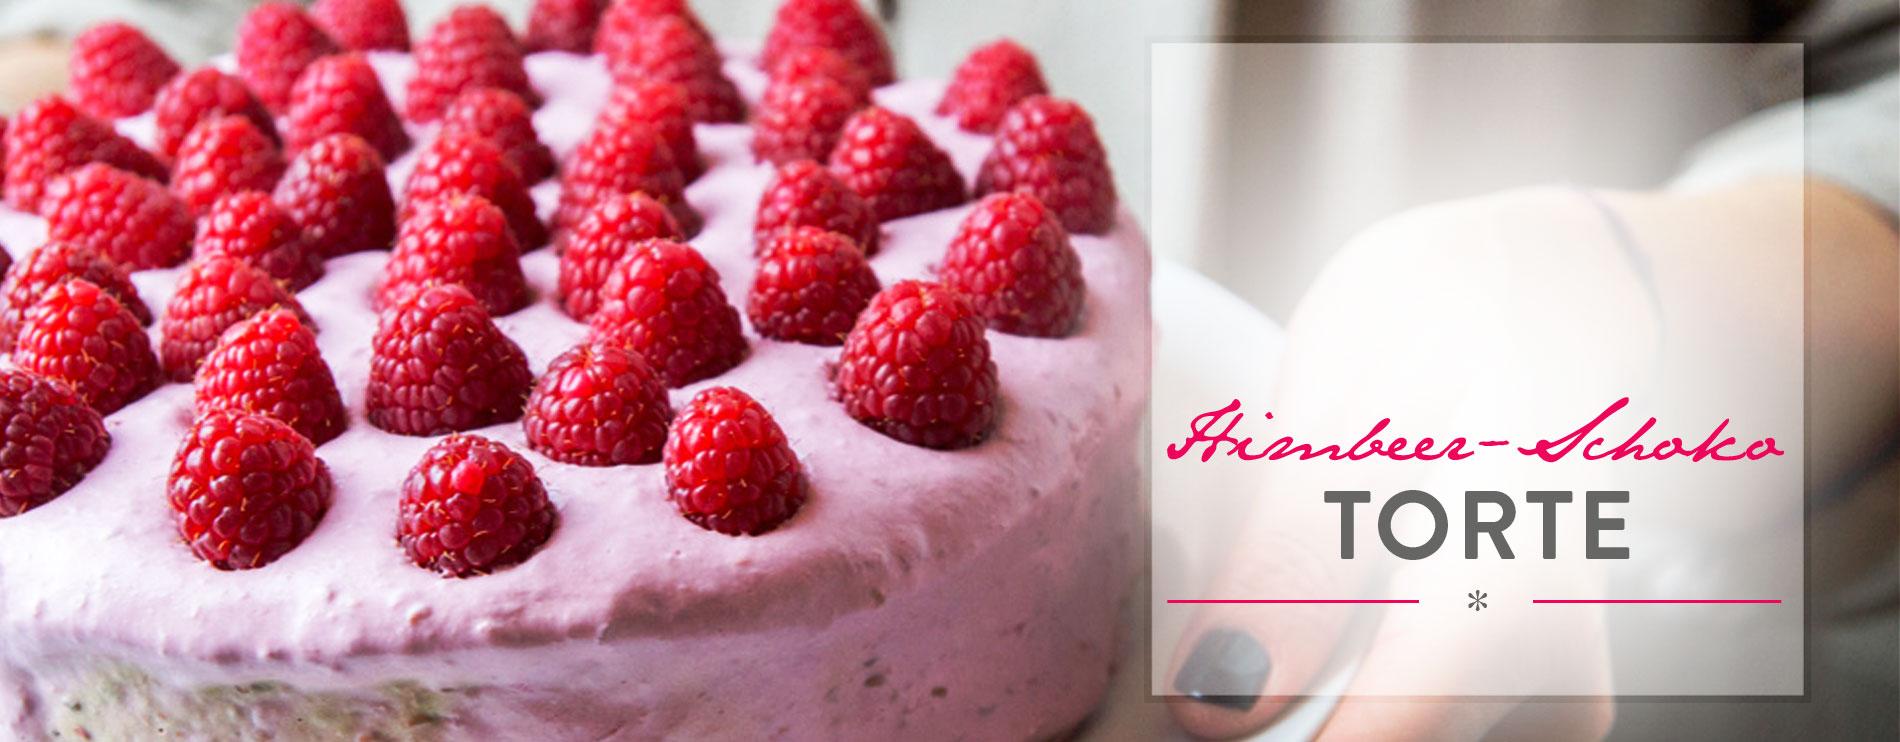 Header Himbeer-Schoko-Torte